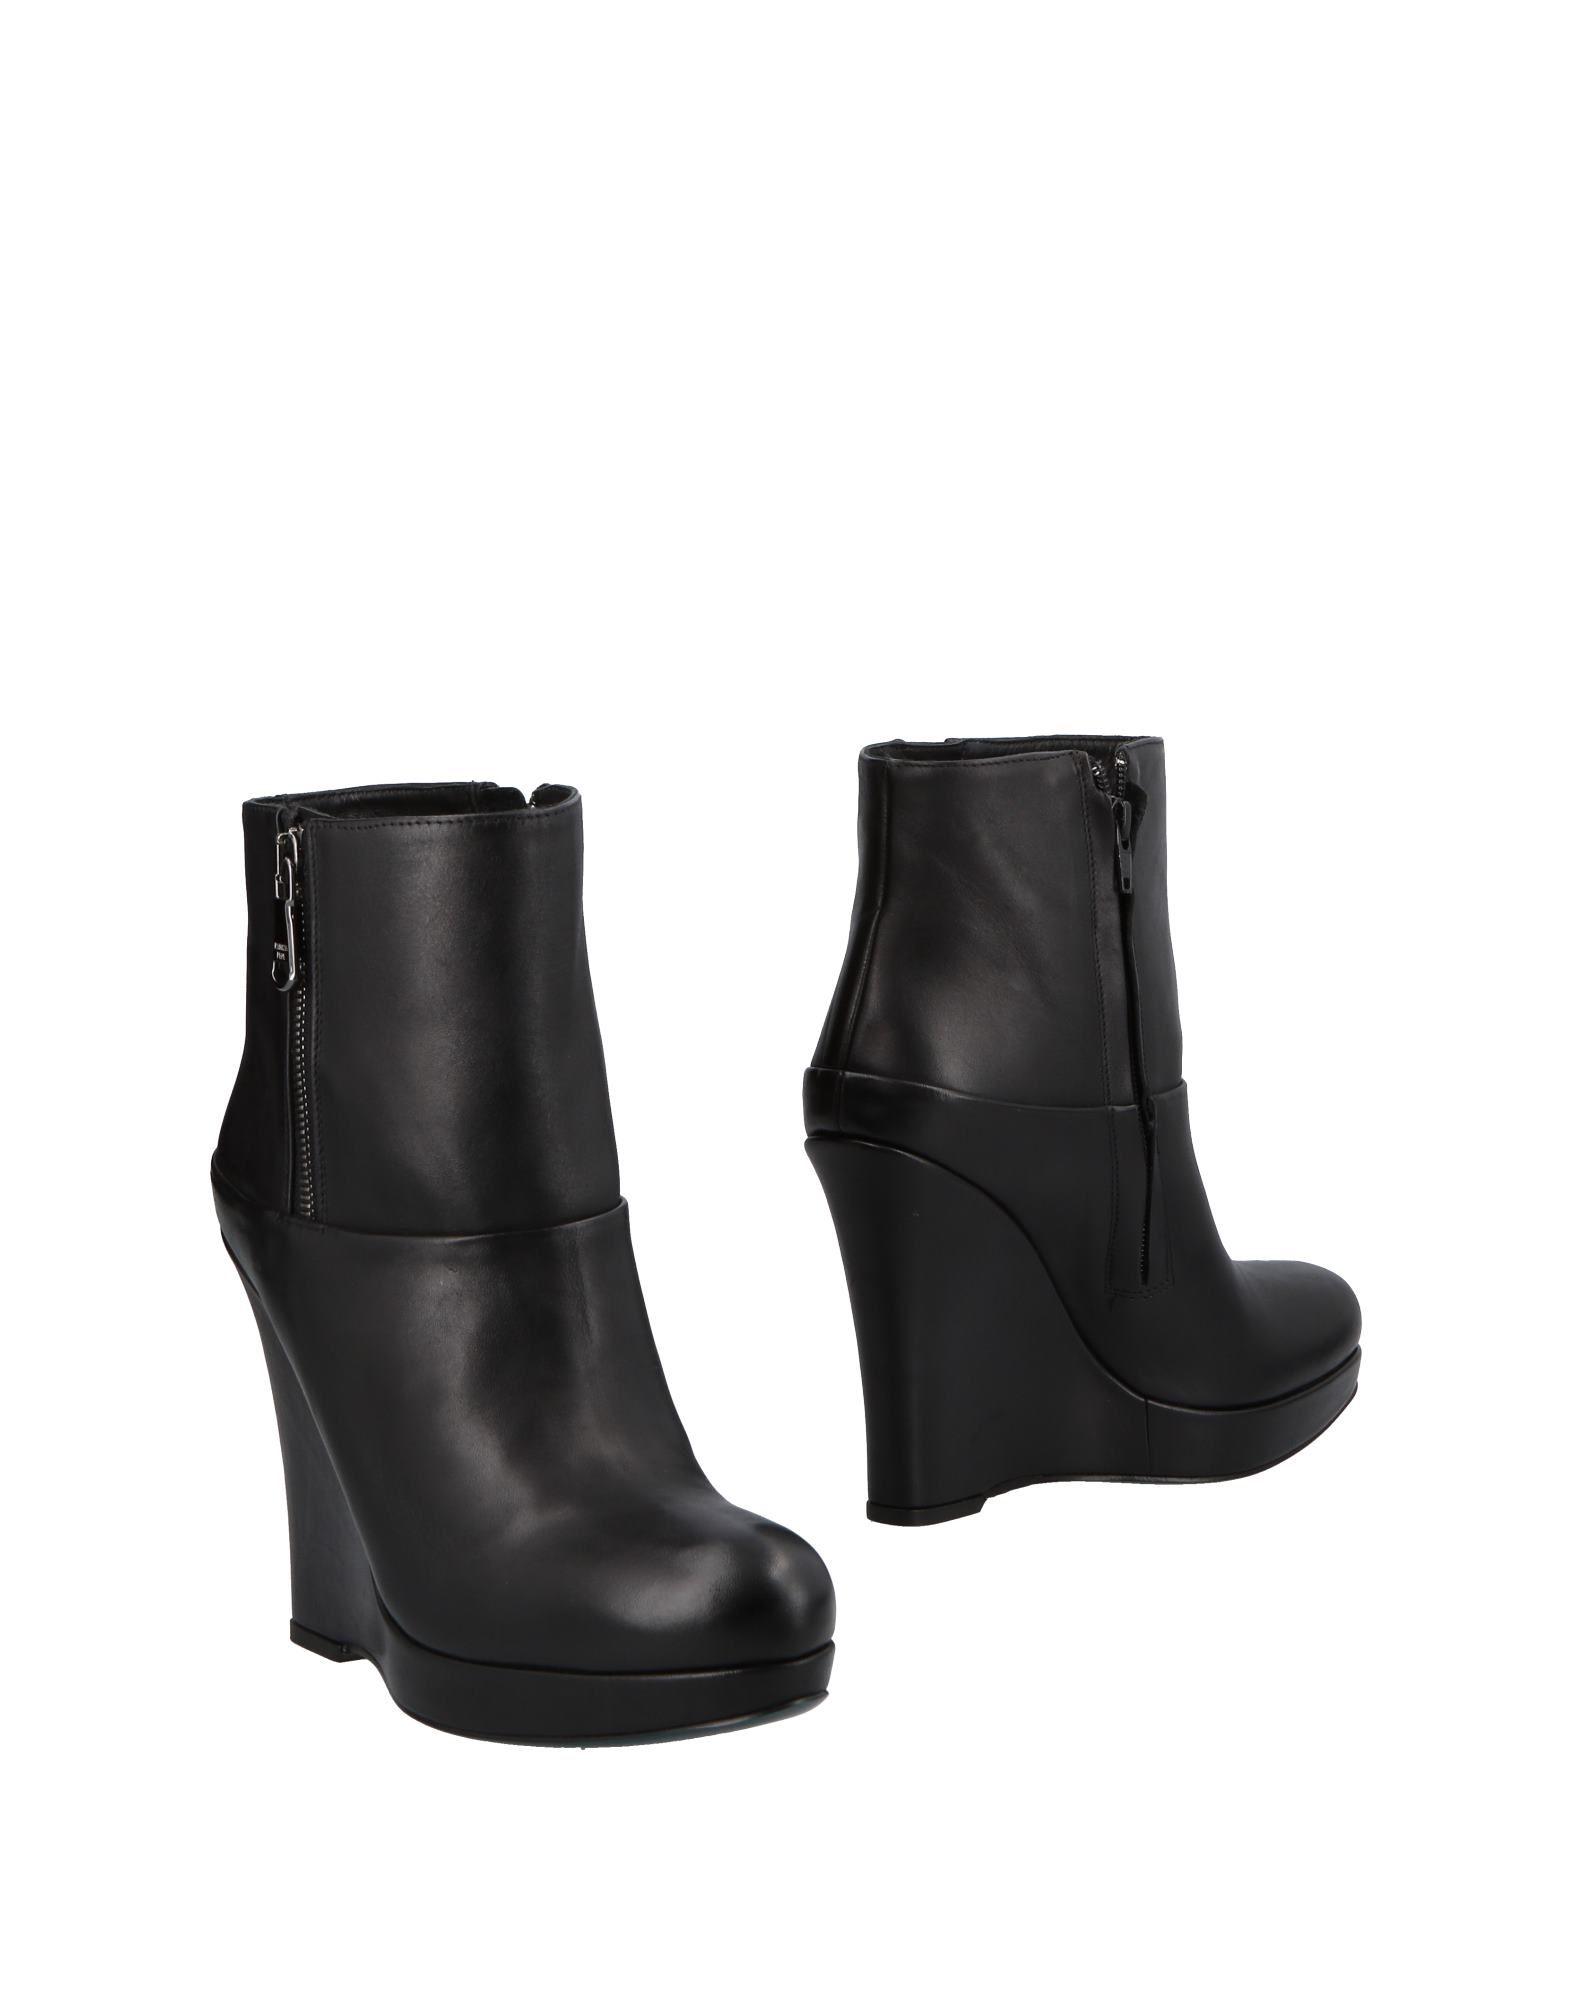 Patrizia Pepe Stiefelette Damen  11498071DIGut aussehende strapazierfähige Schuhe